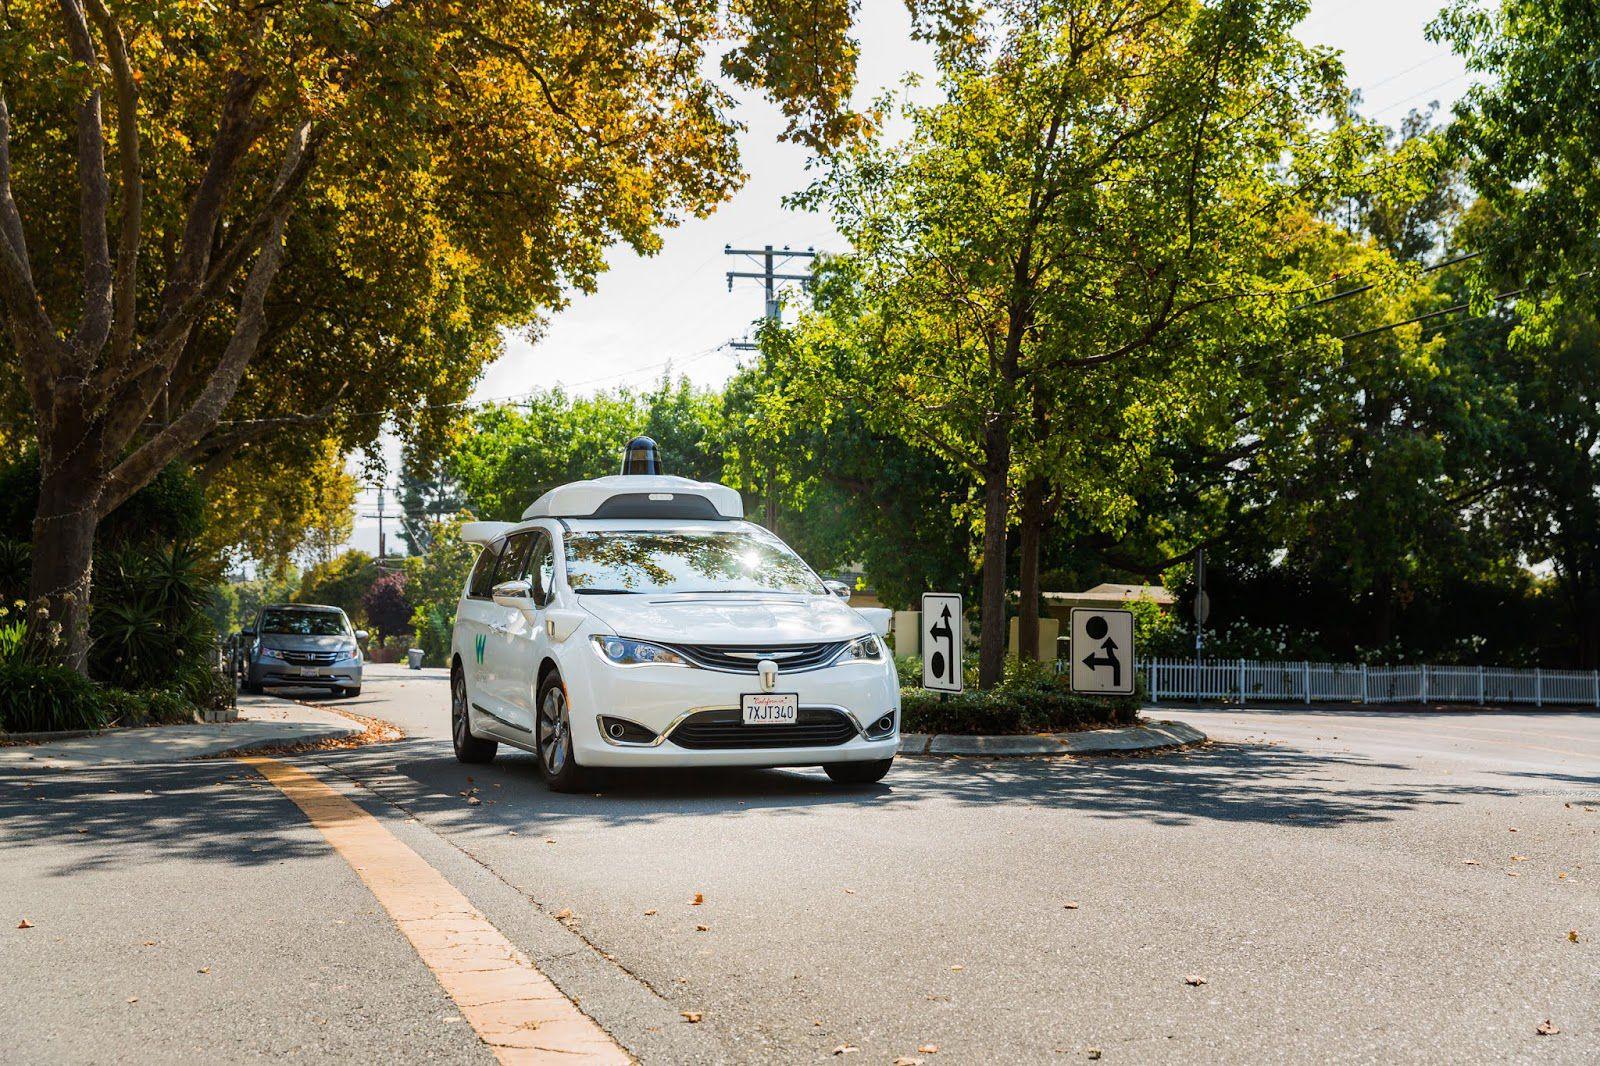 Une voiture de Waymo avance sur une route entourée d'arbres.